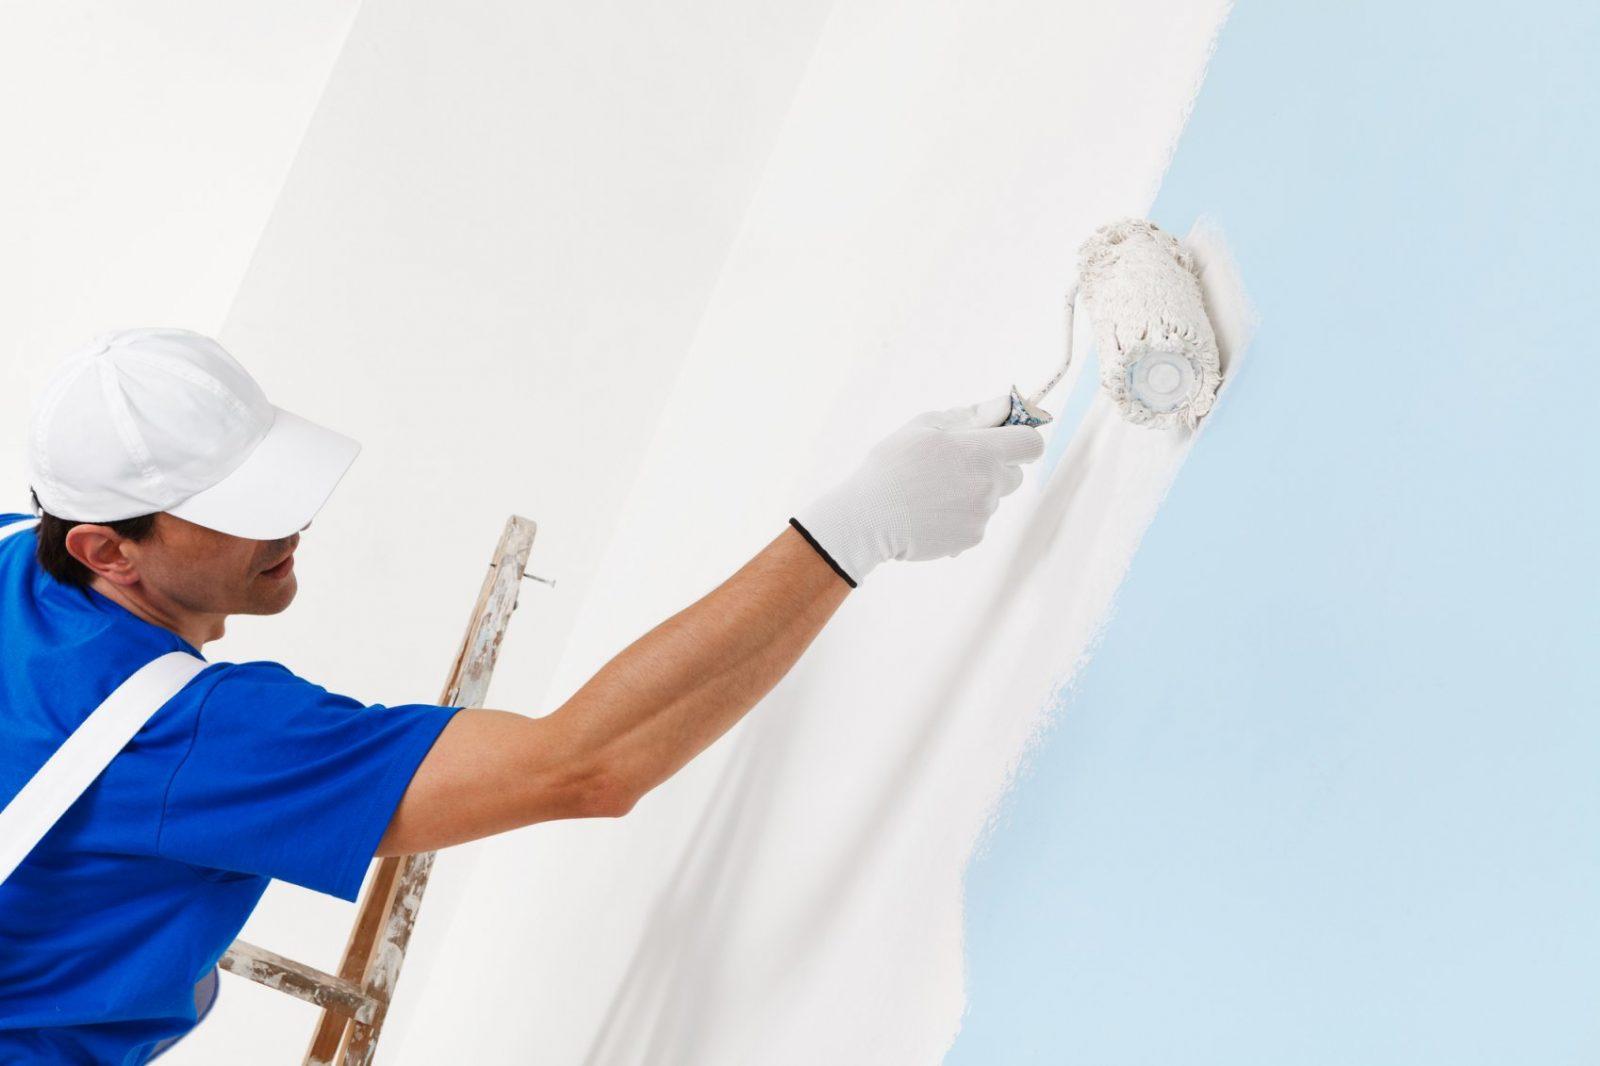 Wände Streichen Kosten Im Überblick Pro Quadratmeter  Stundenlohn von Wohnung Streichen Lassen Kosten Bild